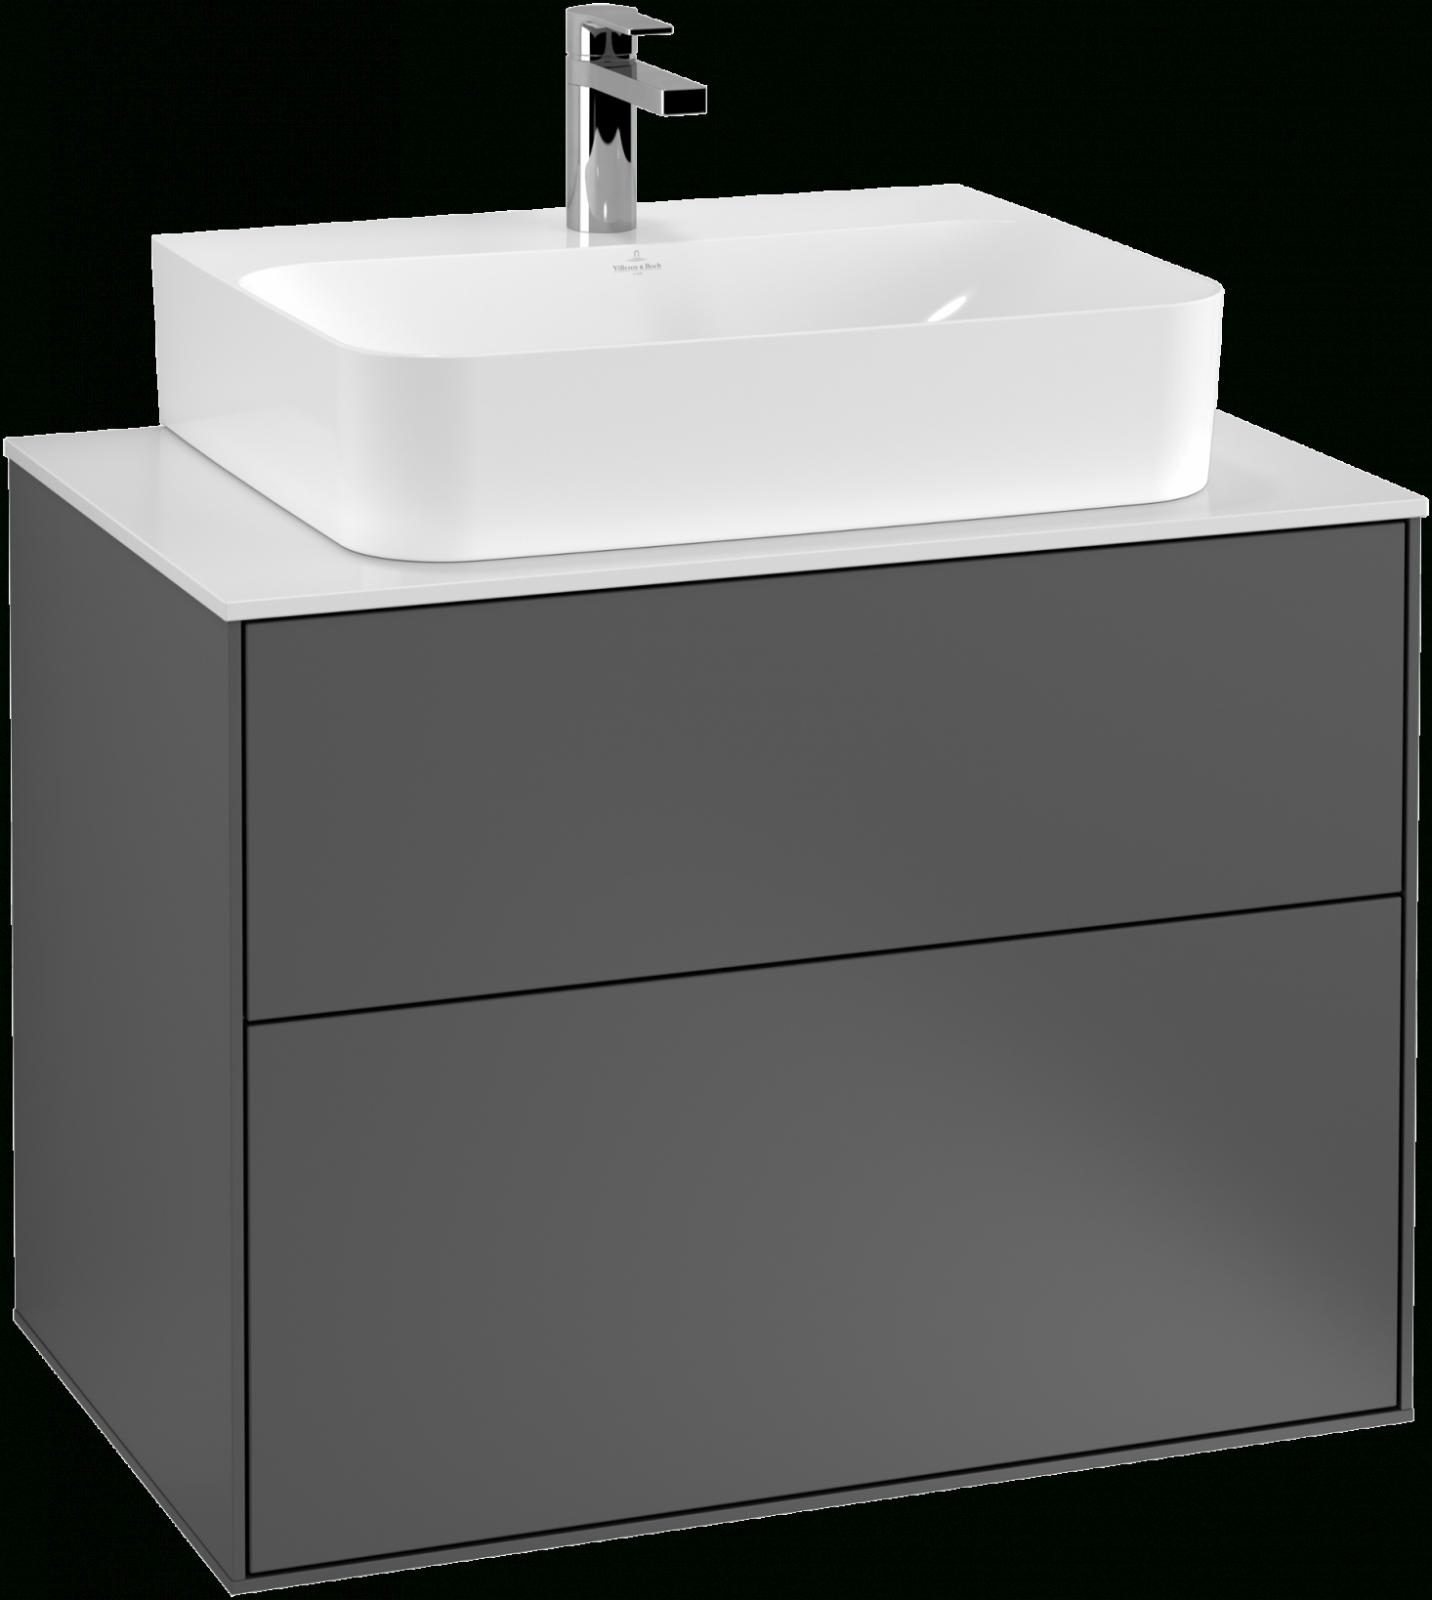 Waschbeckenunterschränke Markenqualität Villeroy  Boch von Aufsatzwaschbecken Mit Unterschrank Stehend Bild